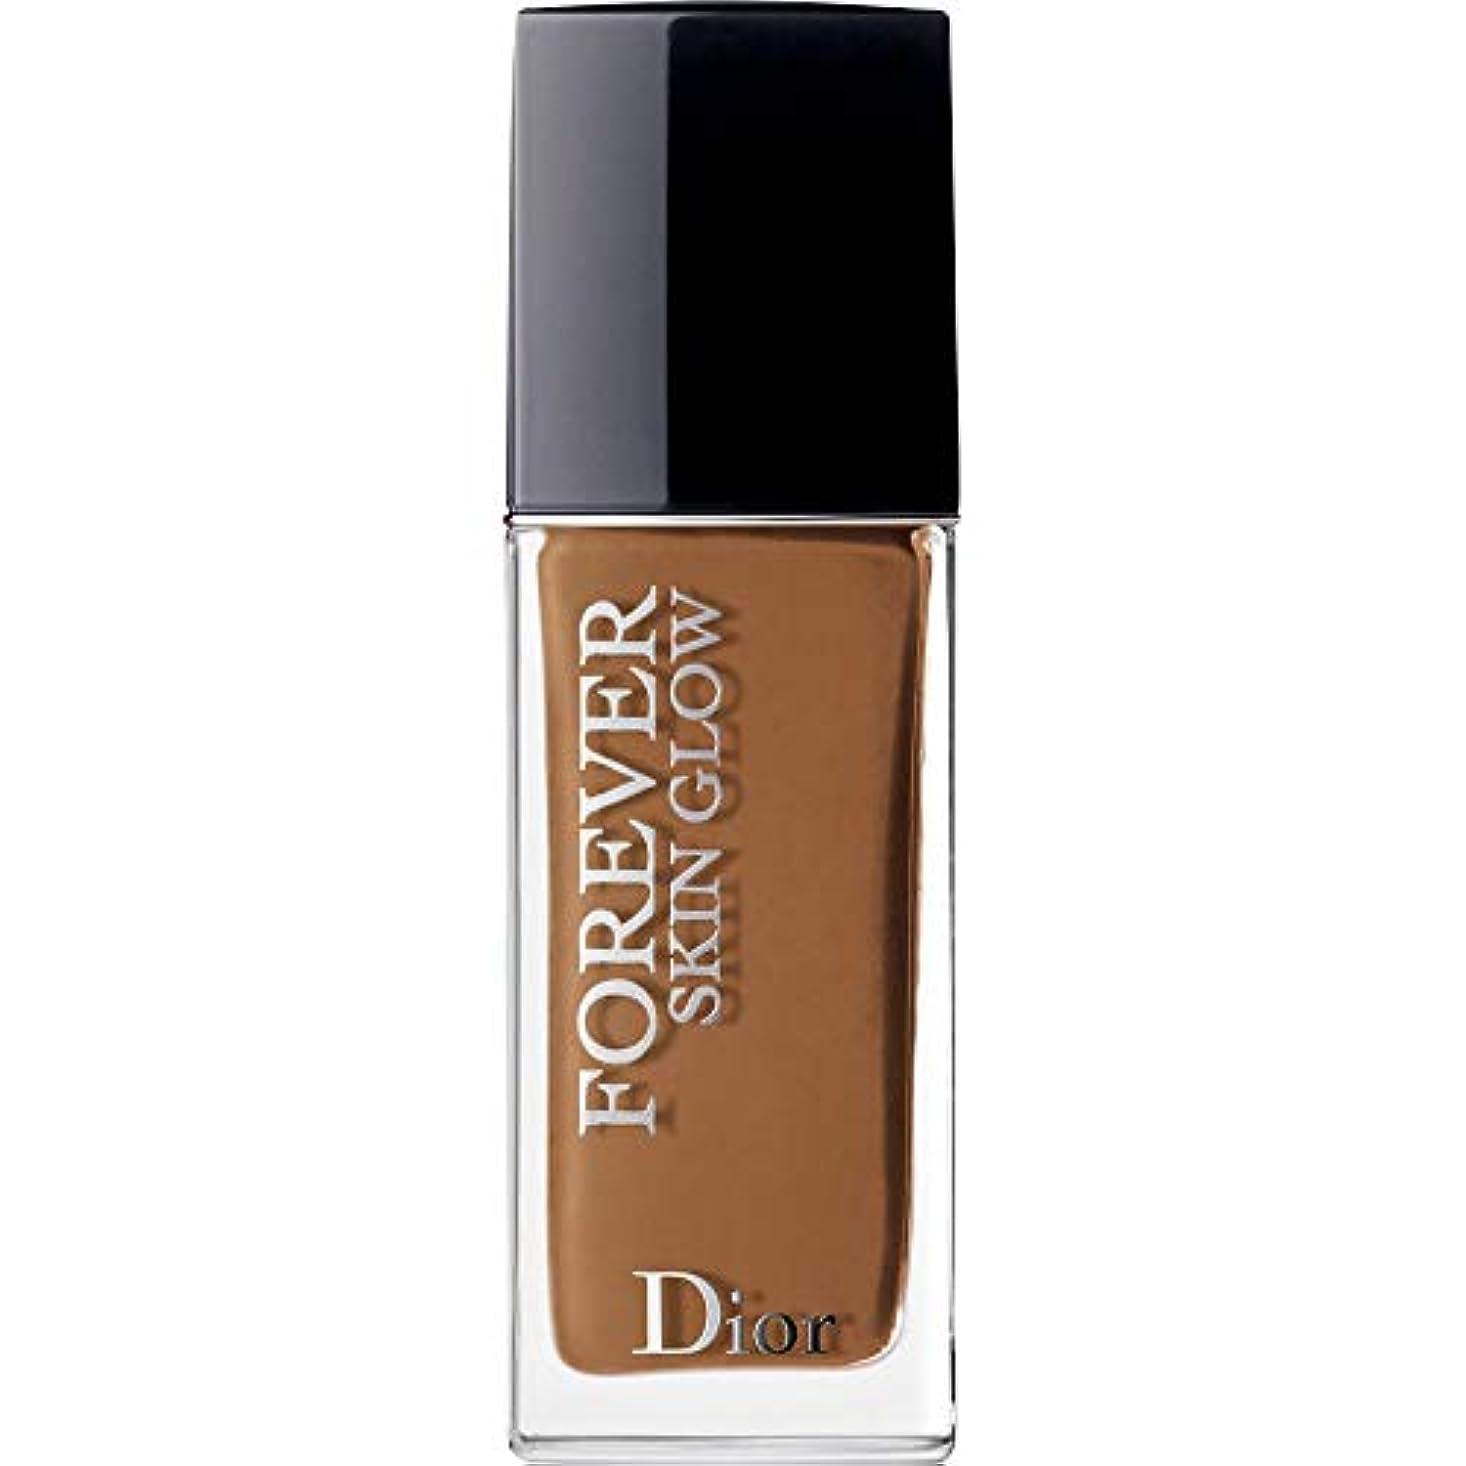 救い確率のスコア[Dior ] ディオール永遠に皮膚グロー皮膚思いやりの基礎Spf35 30ミリリットルの7N - ニュートラル(肌の輝き) - DIOR Forever Skin Glow Skin-Caring Foundation...